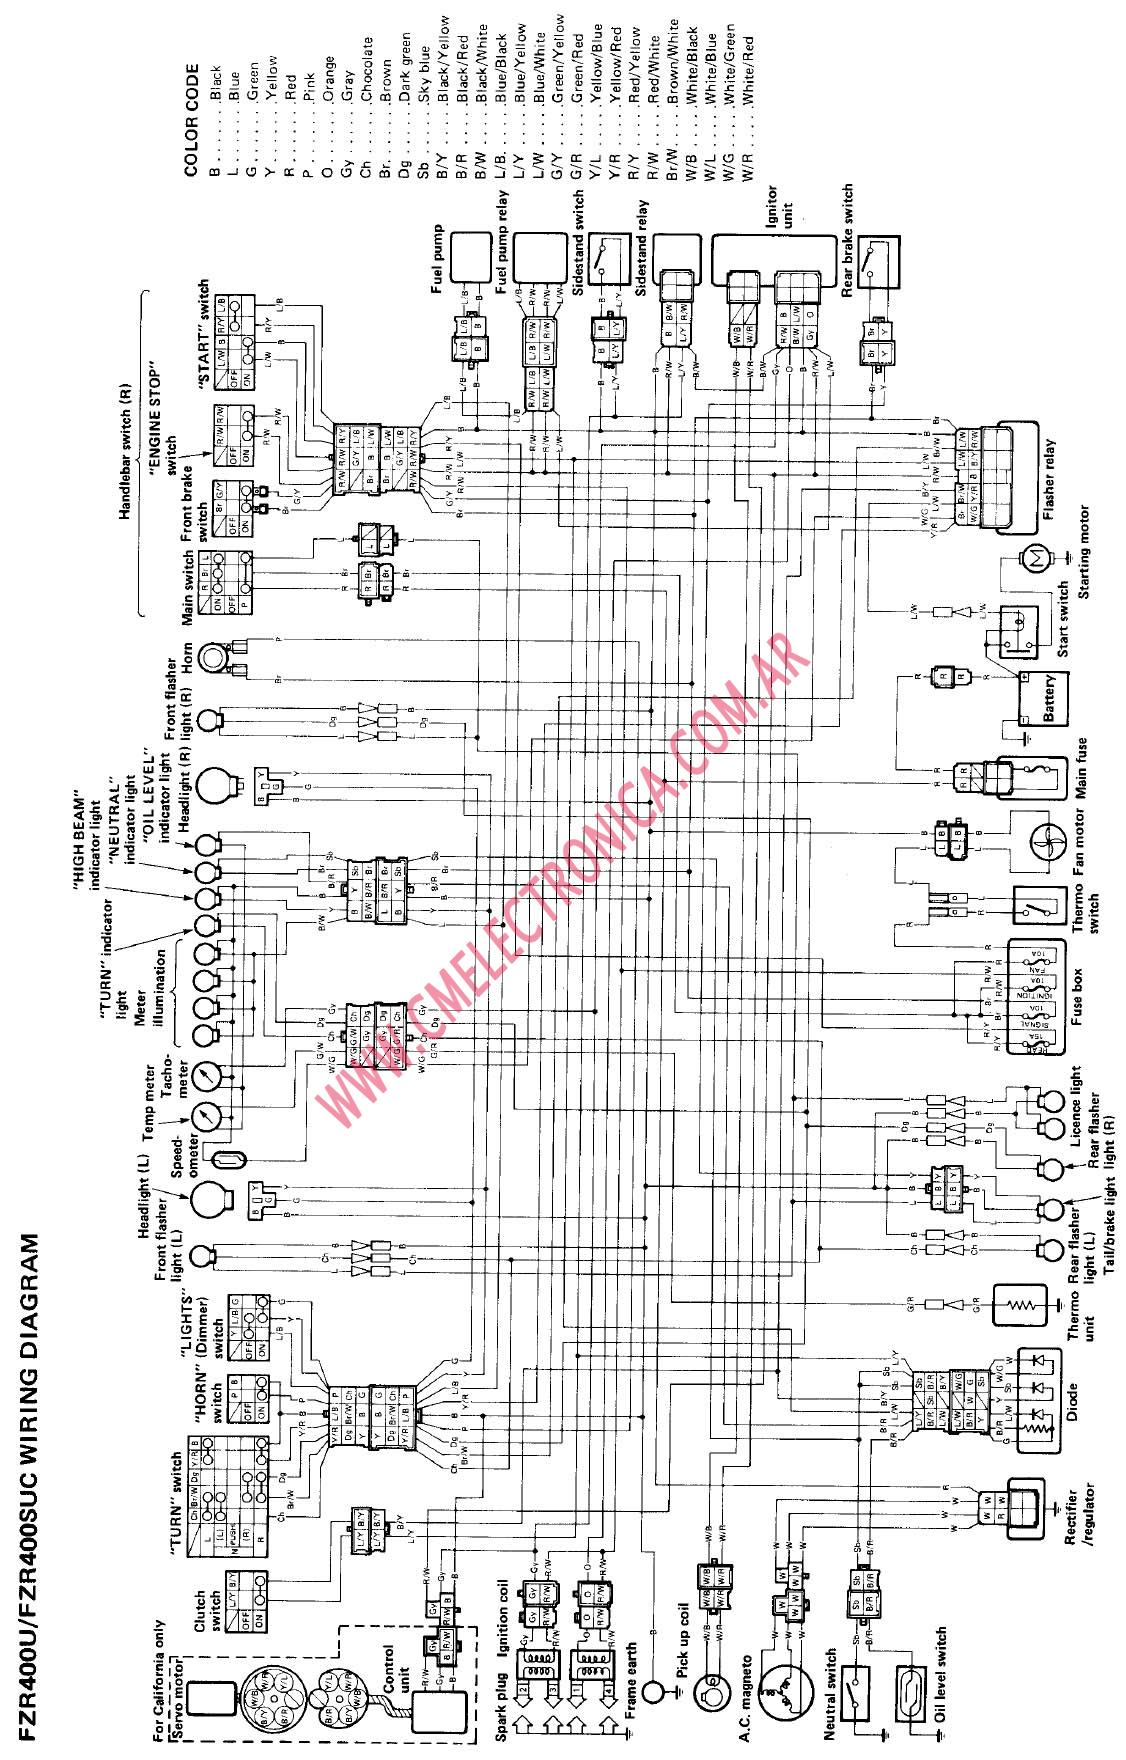 2001 kodiak 400 wiring diagram ge 5805  ge 5805